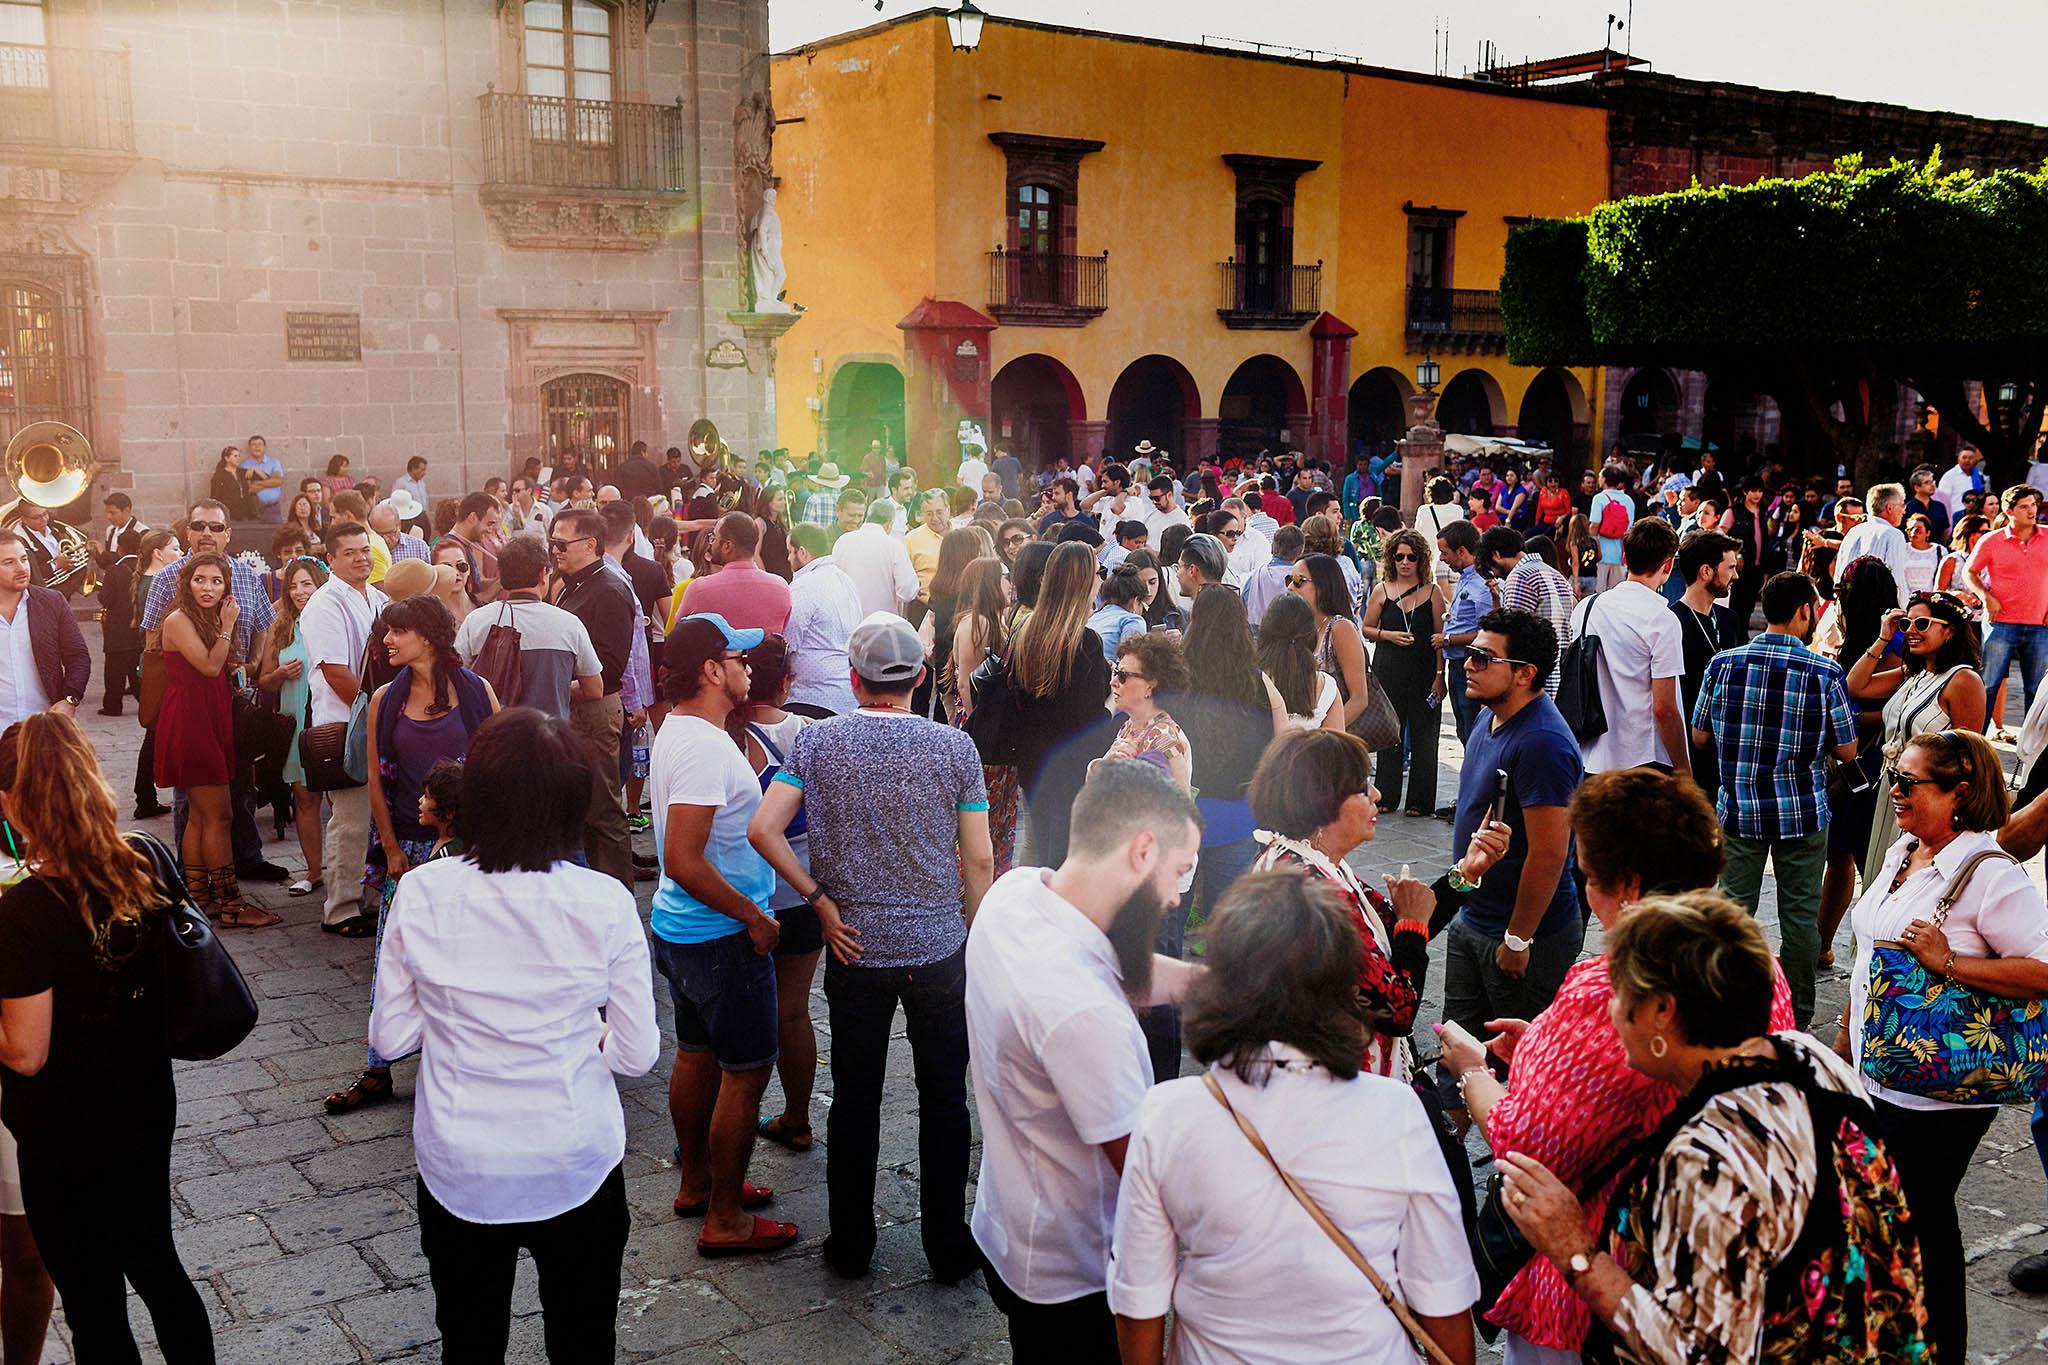 Parroquia de San Miguel de Arcangel en San Miguel de Allende